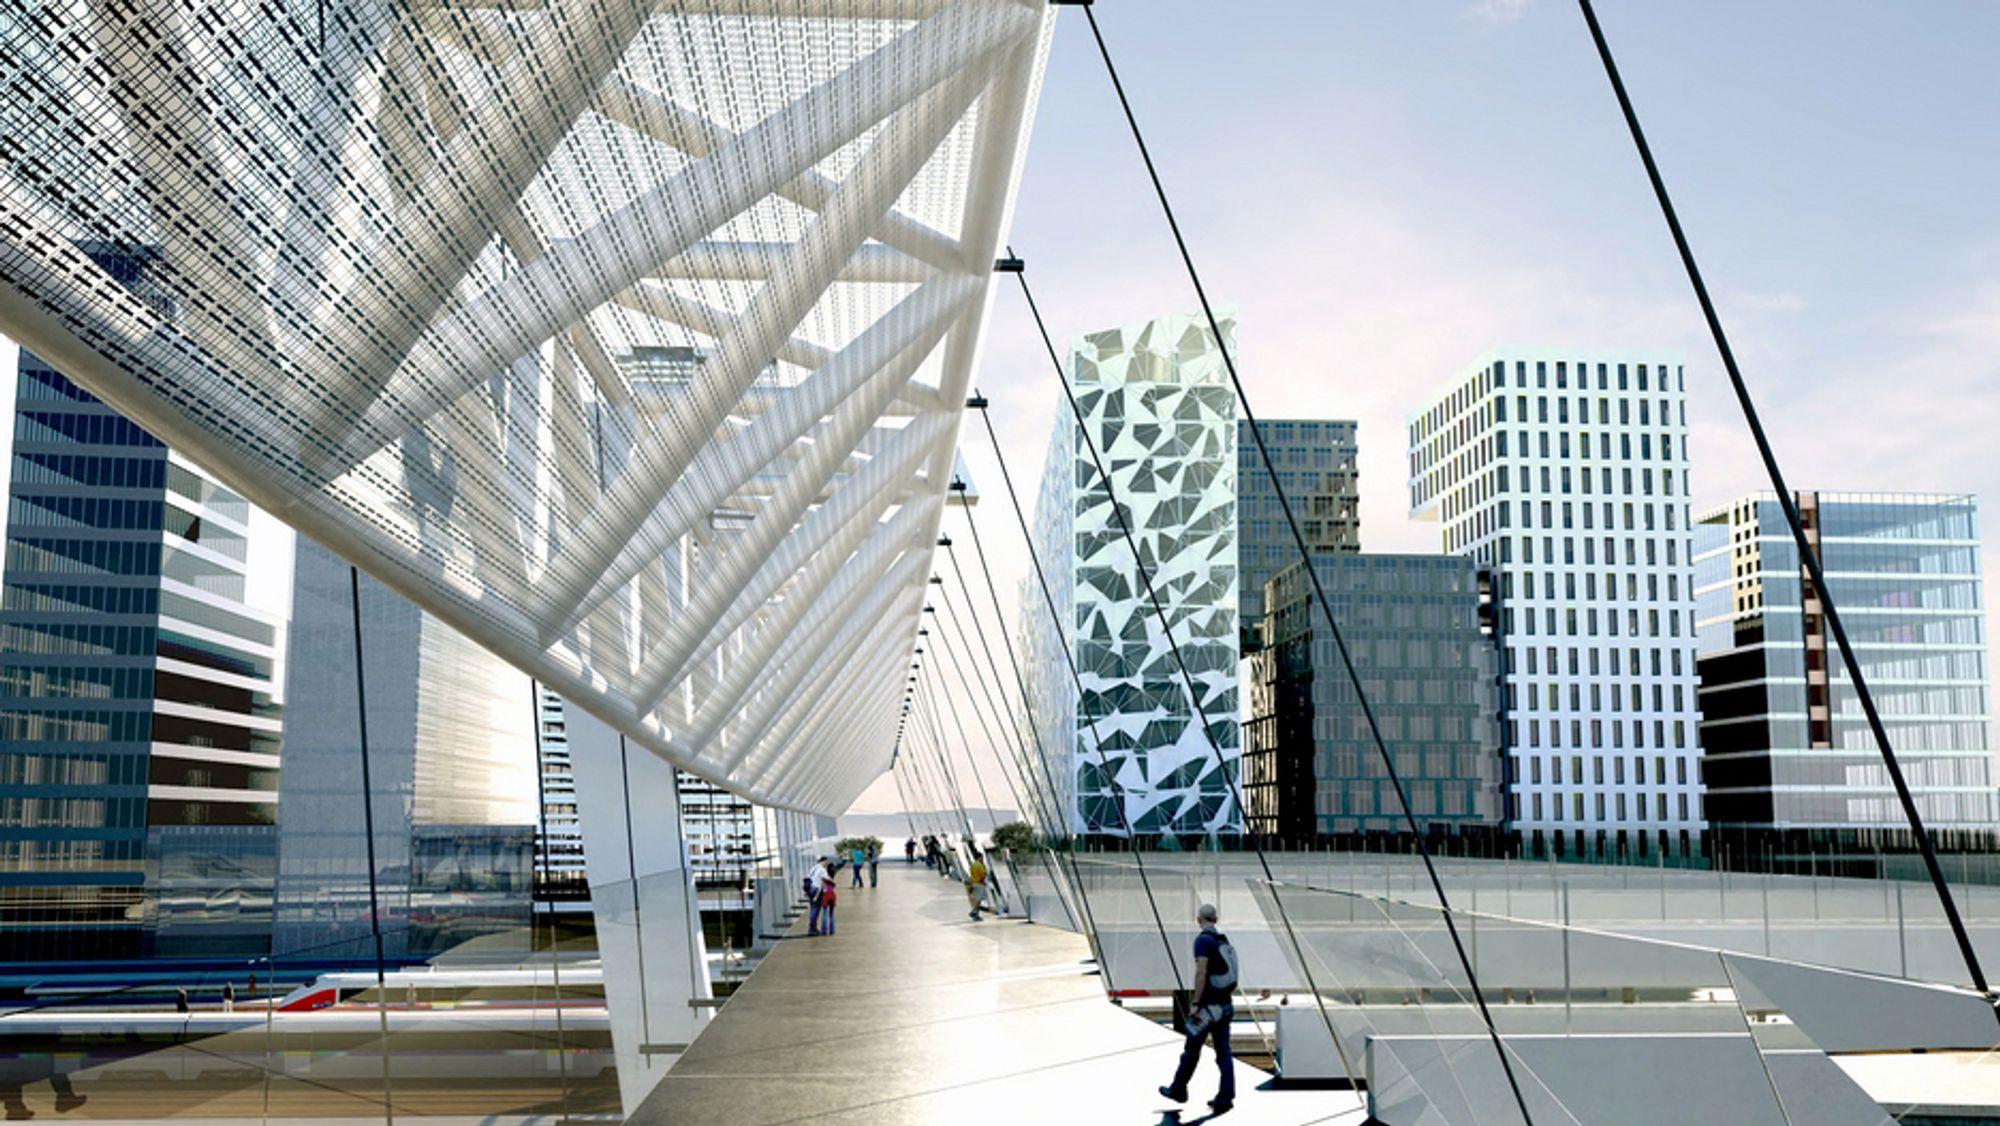 Hvis det ikke oppstår komplikasjoner under den videre behandlingen av saken, vil gangbrua over sporene på Oslo S stå ferdig innen utgangen av neste år. (Ill.: L2 Arkitekter)